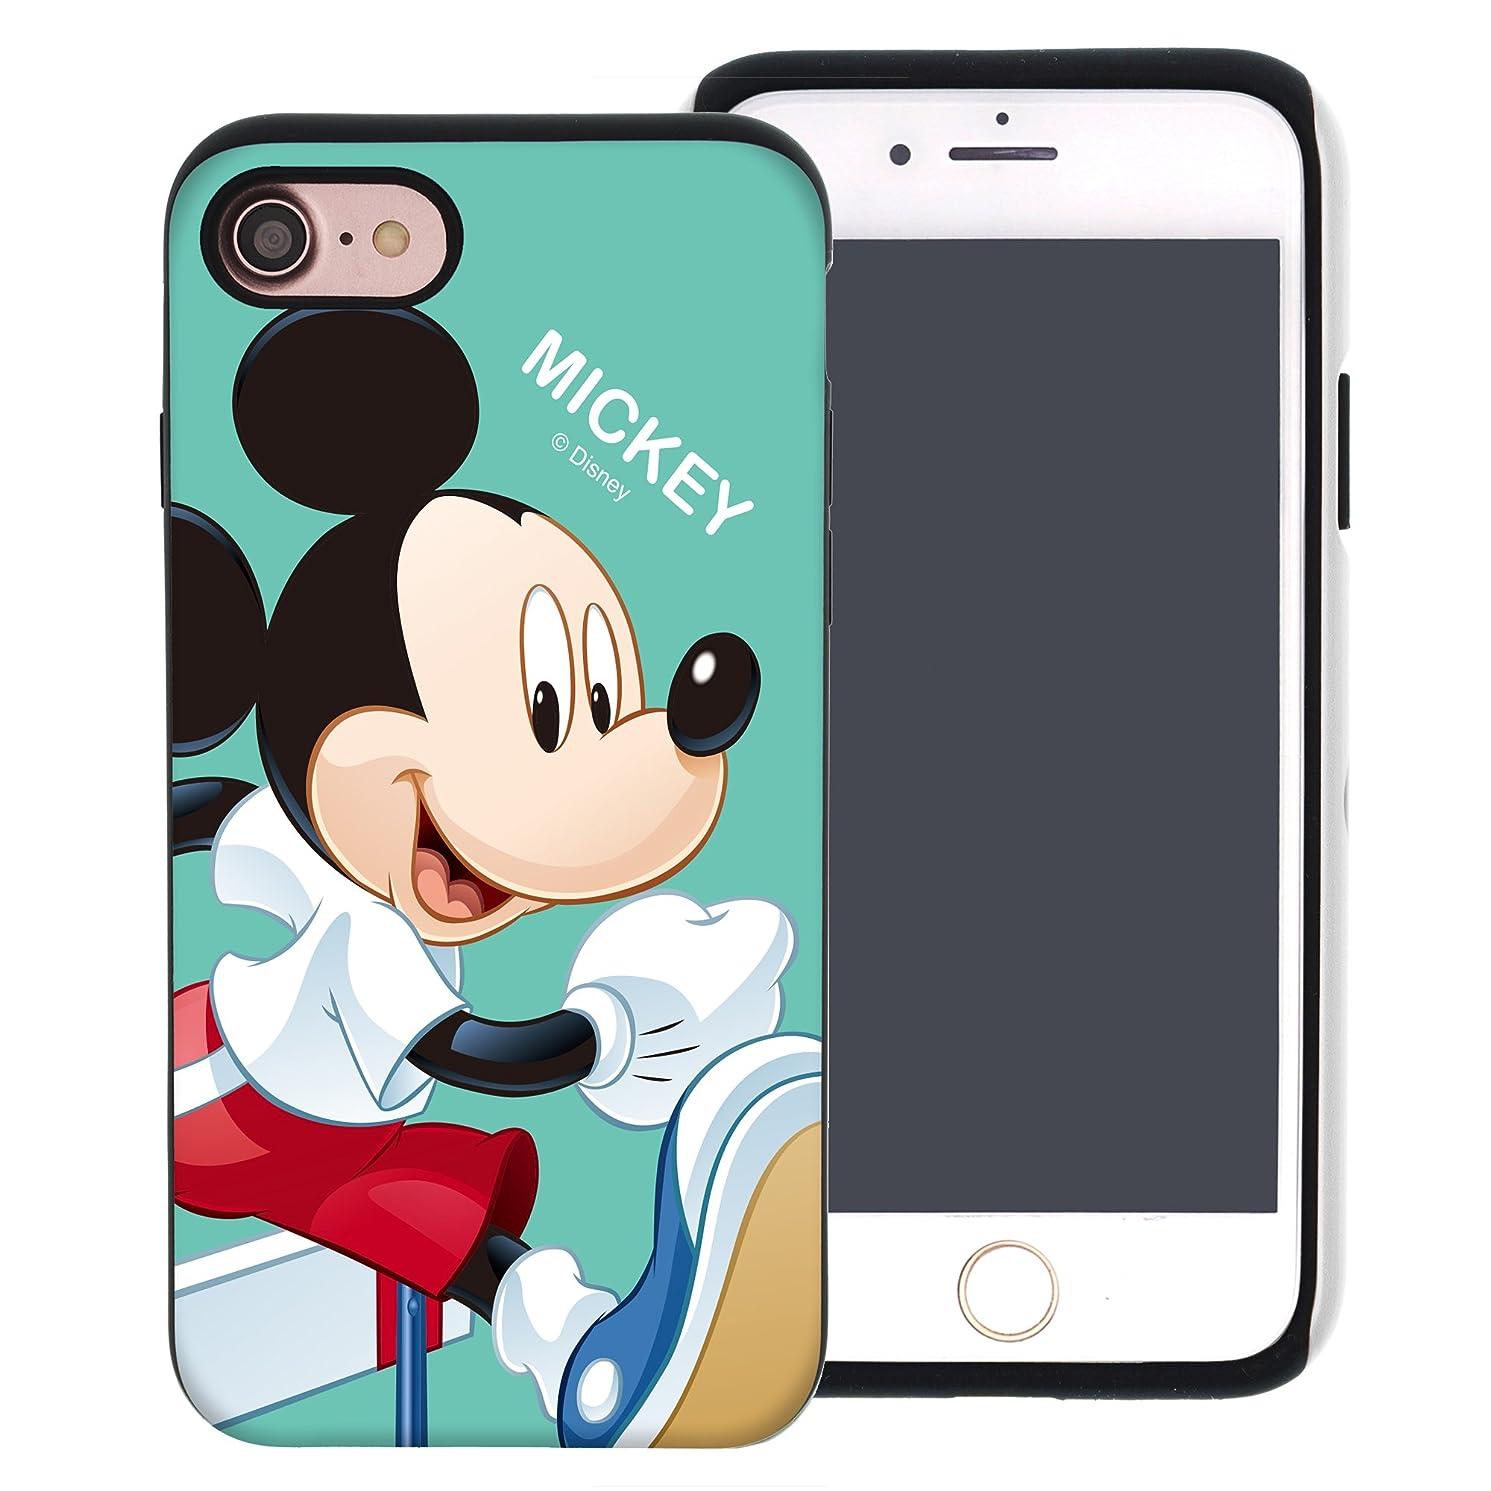 牛北東地図iPhone 8 ケース iPhone 7 ケース Disney Mickey Mouse ディズニー ミッキーマウス ダブル バンパー ケース/二層構造 TPUケース + PCカバー/デュアルレイヤー 耐衝撃 薄型 衝撃吸収 【 アイフォン8 ケース / アイフォン7 ケース (4.7